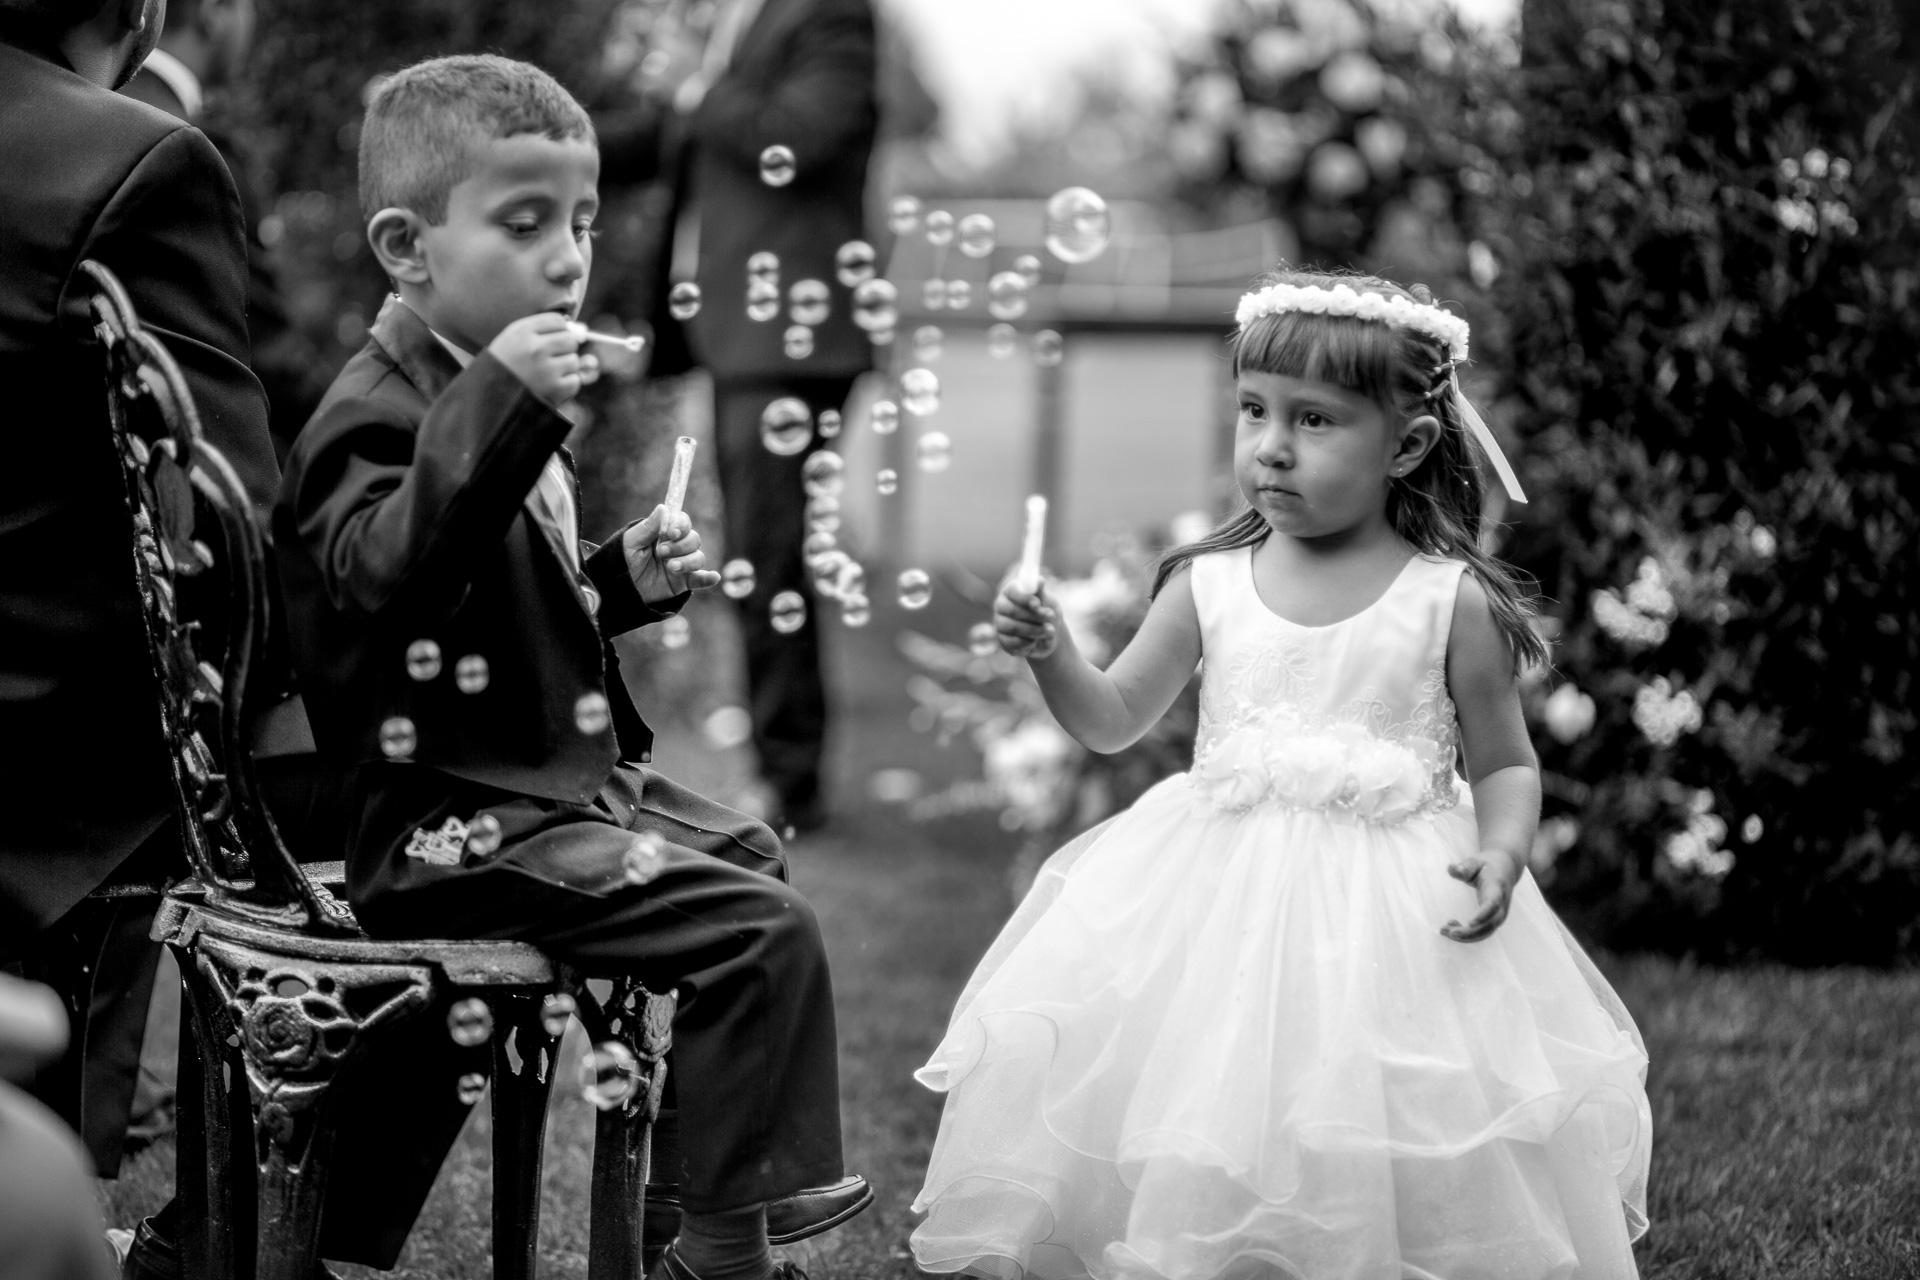 Fotógrafos-de-bodas-en-Colombia-Alejandro-y-Angelica-26-2 ALEJANDRO + ANGELICA